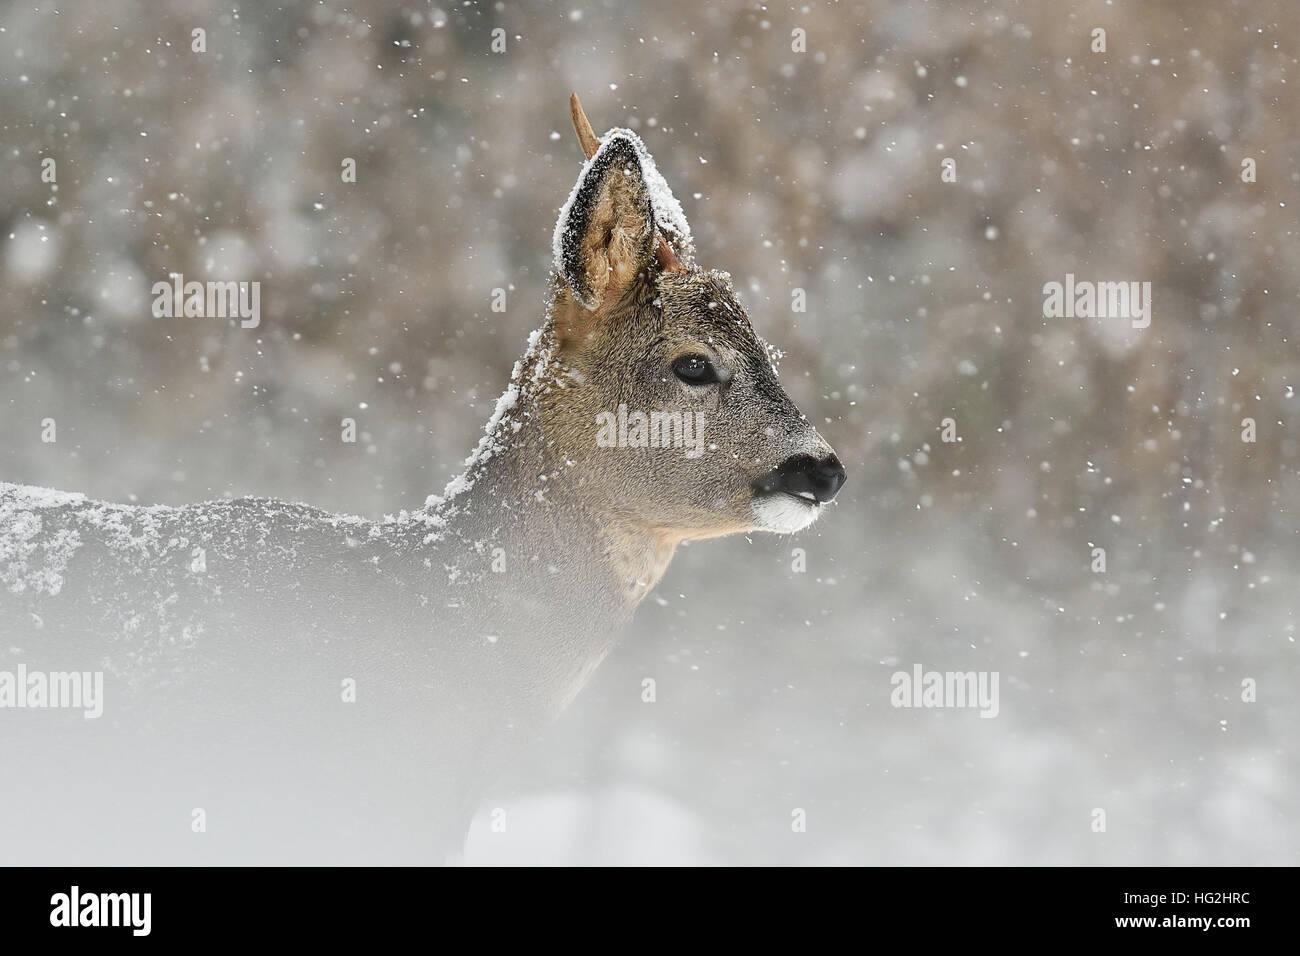 Roe deer in snowfall, winter - Stock Image